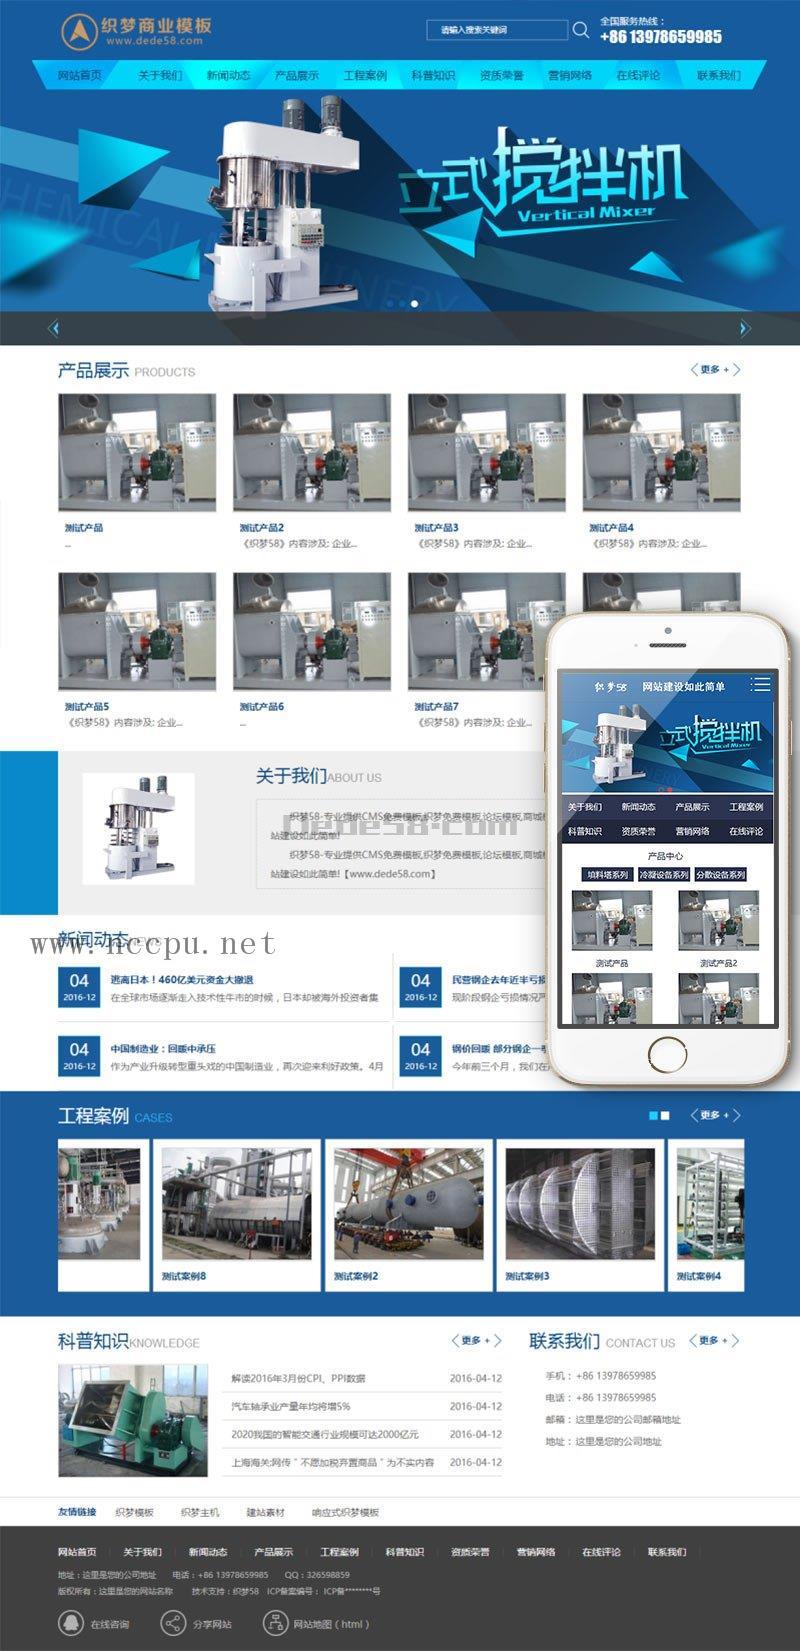 蓝色通用机械科技电子类企业欧宝娱乐代理申请(带手机端)建设案例「响应式」